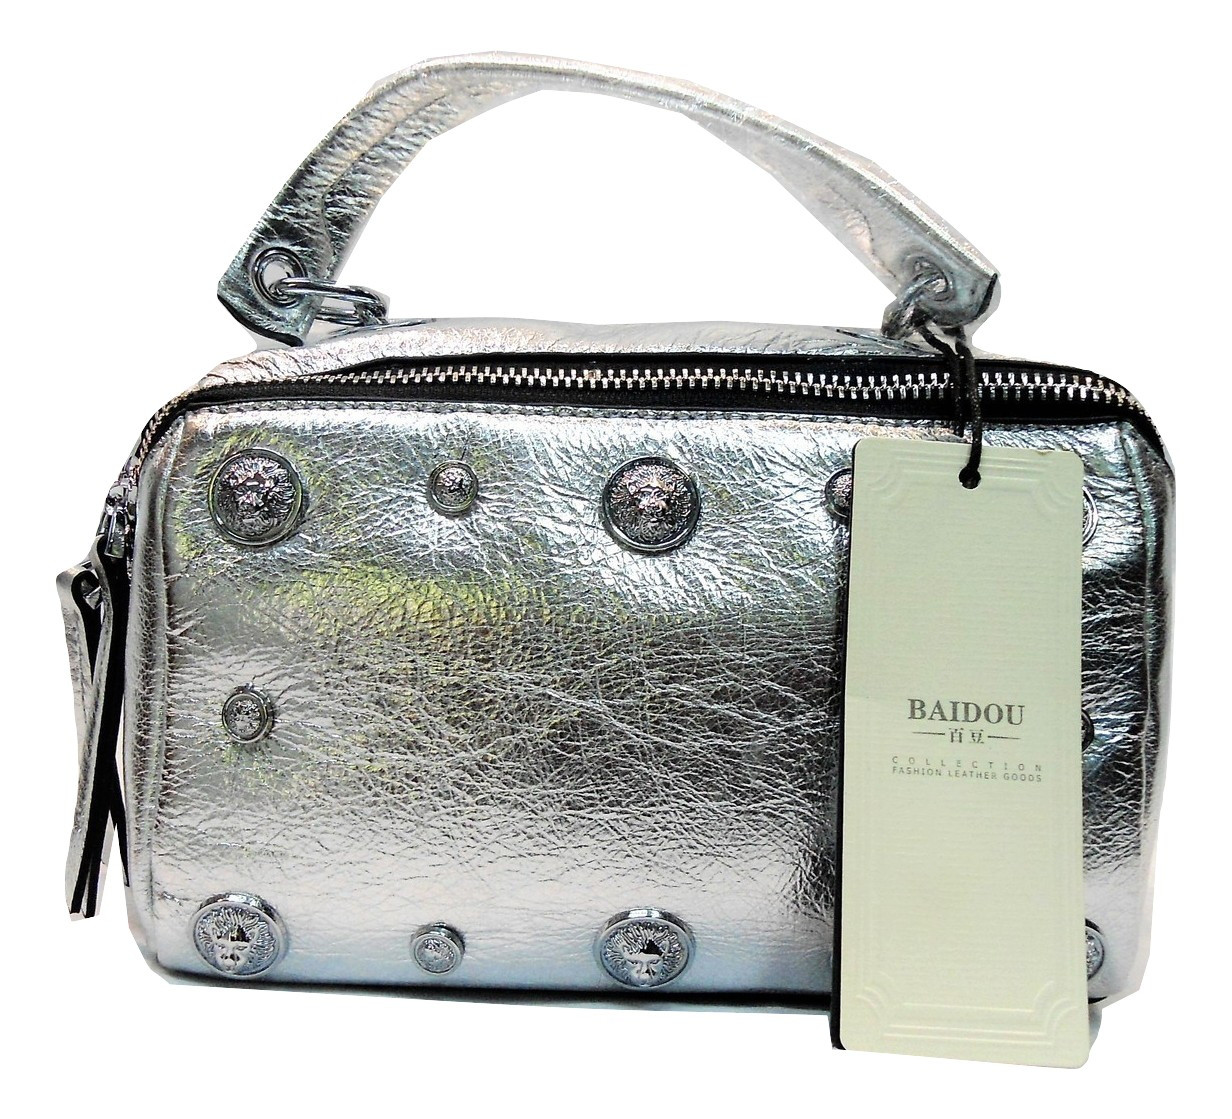 4a1380526b51 Эксклюзивная Итальянская женская кожаная сумочка в руку GMН-013959 ...